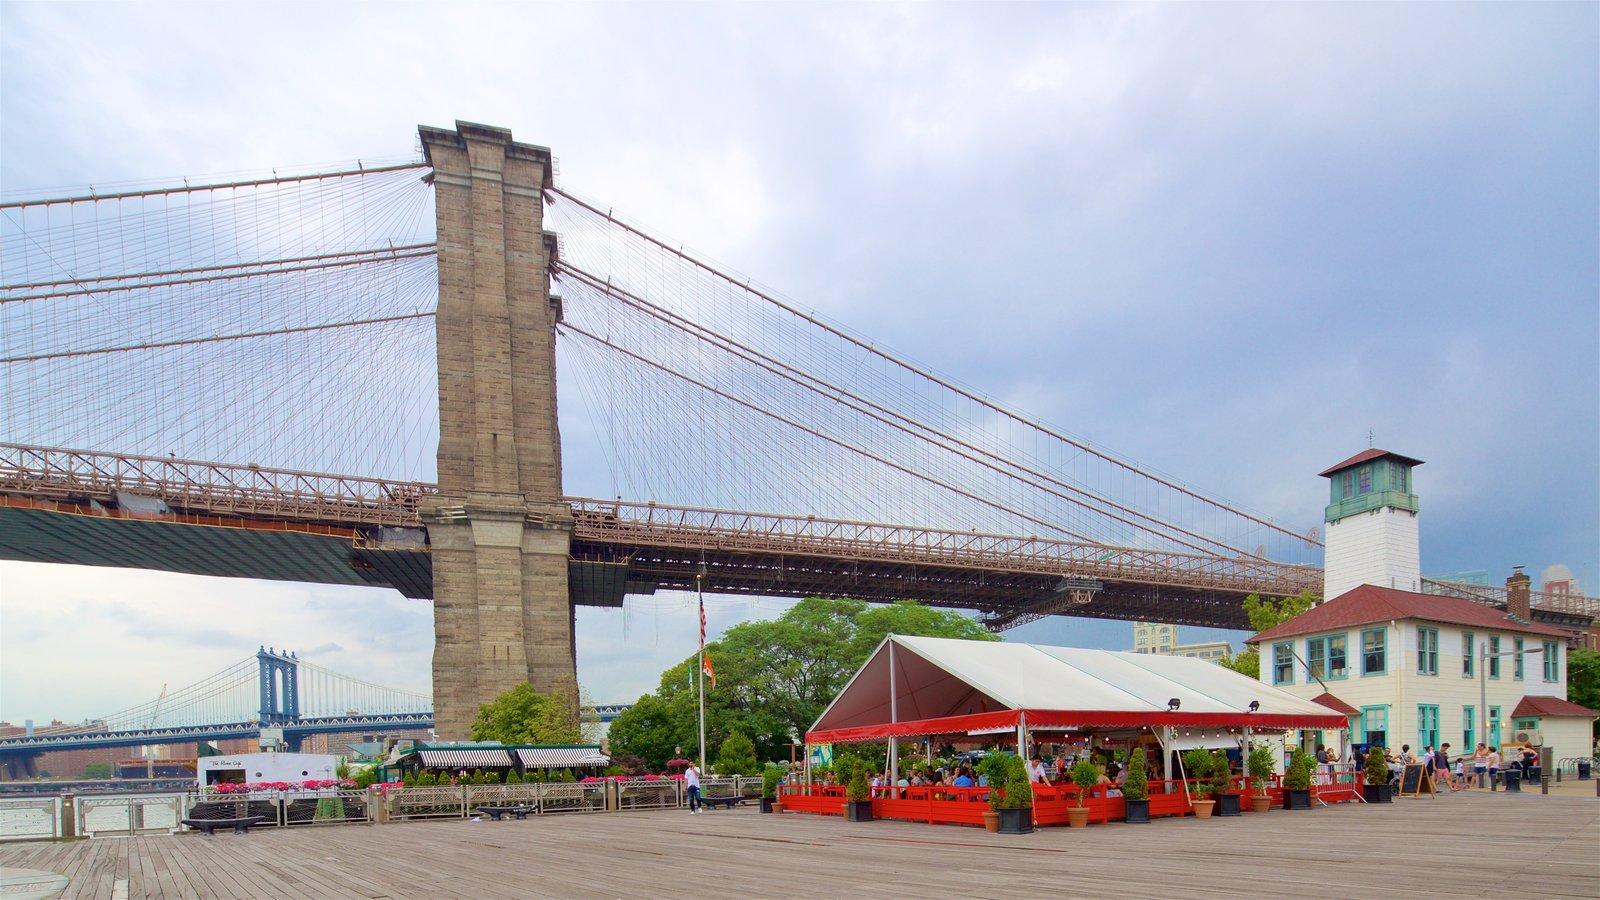 Brooklyn Heights Promenade mostrando um rio ou córrego, uma ponte e elementos de patrimônio